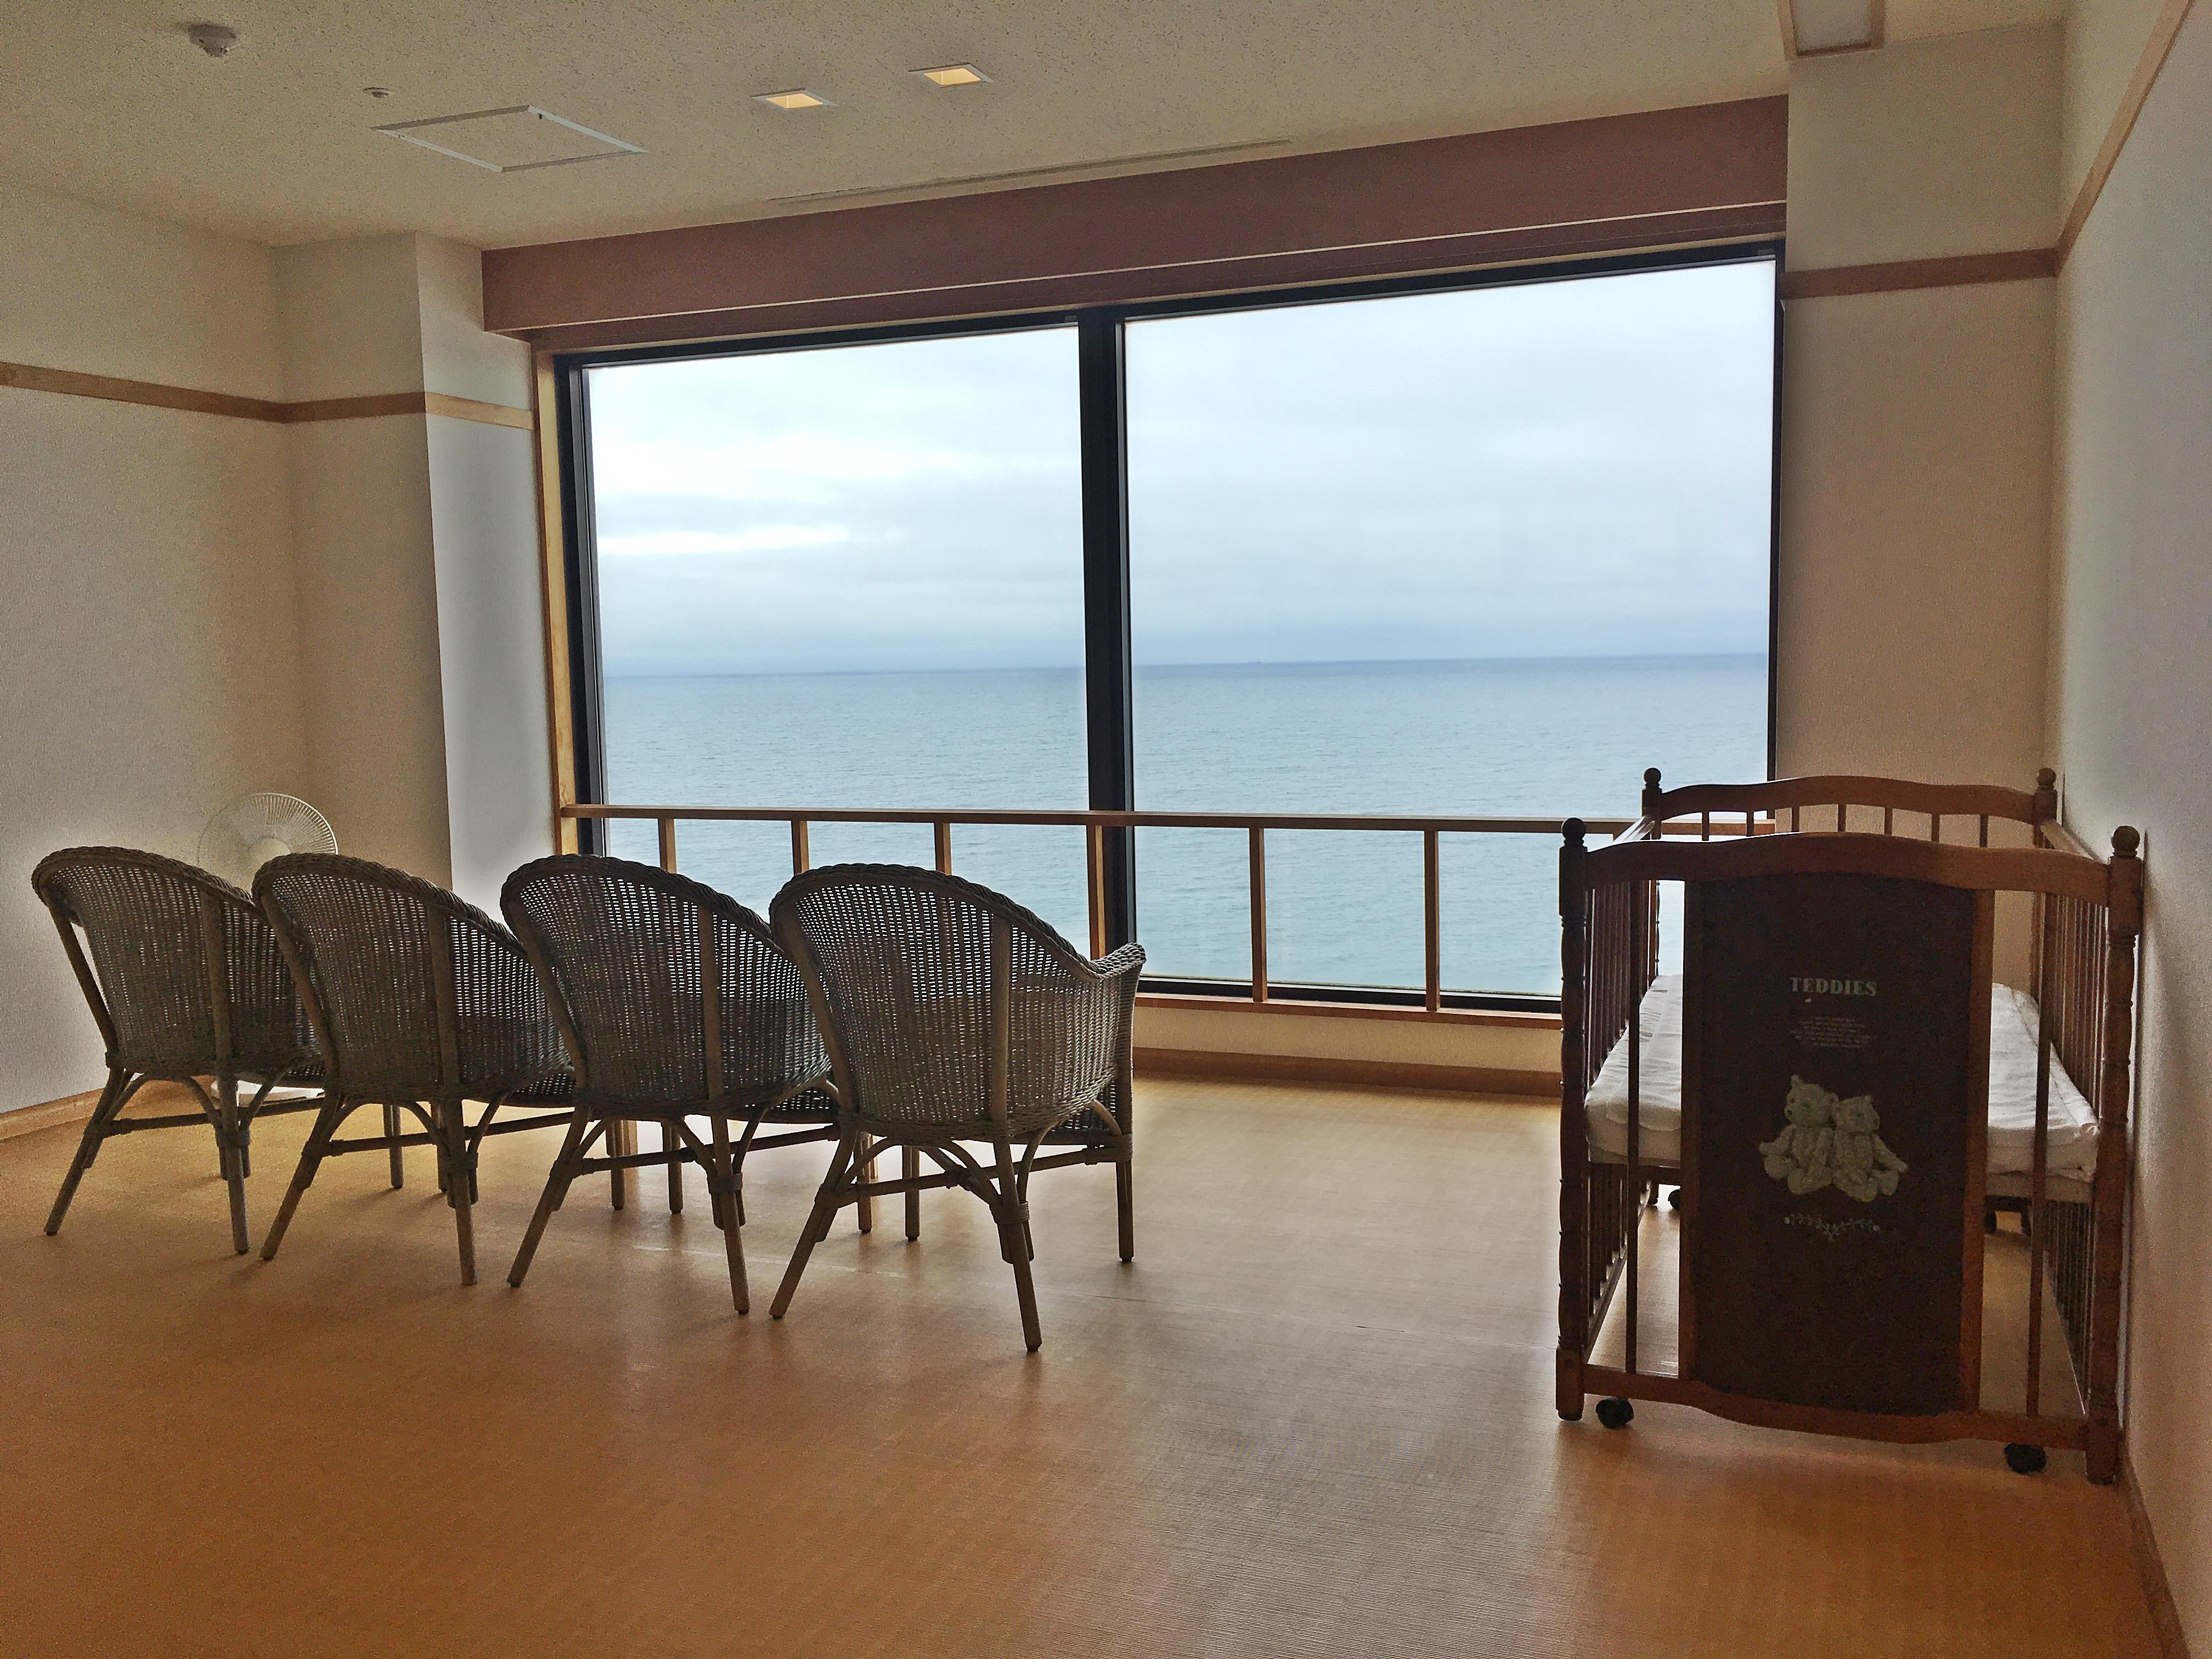 イマジン ホテル&リゾート 函館 うすけしの湯 脱衣所.JPG